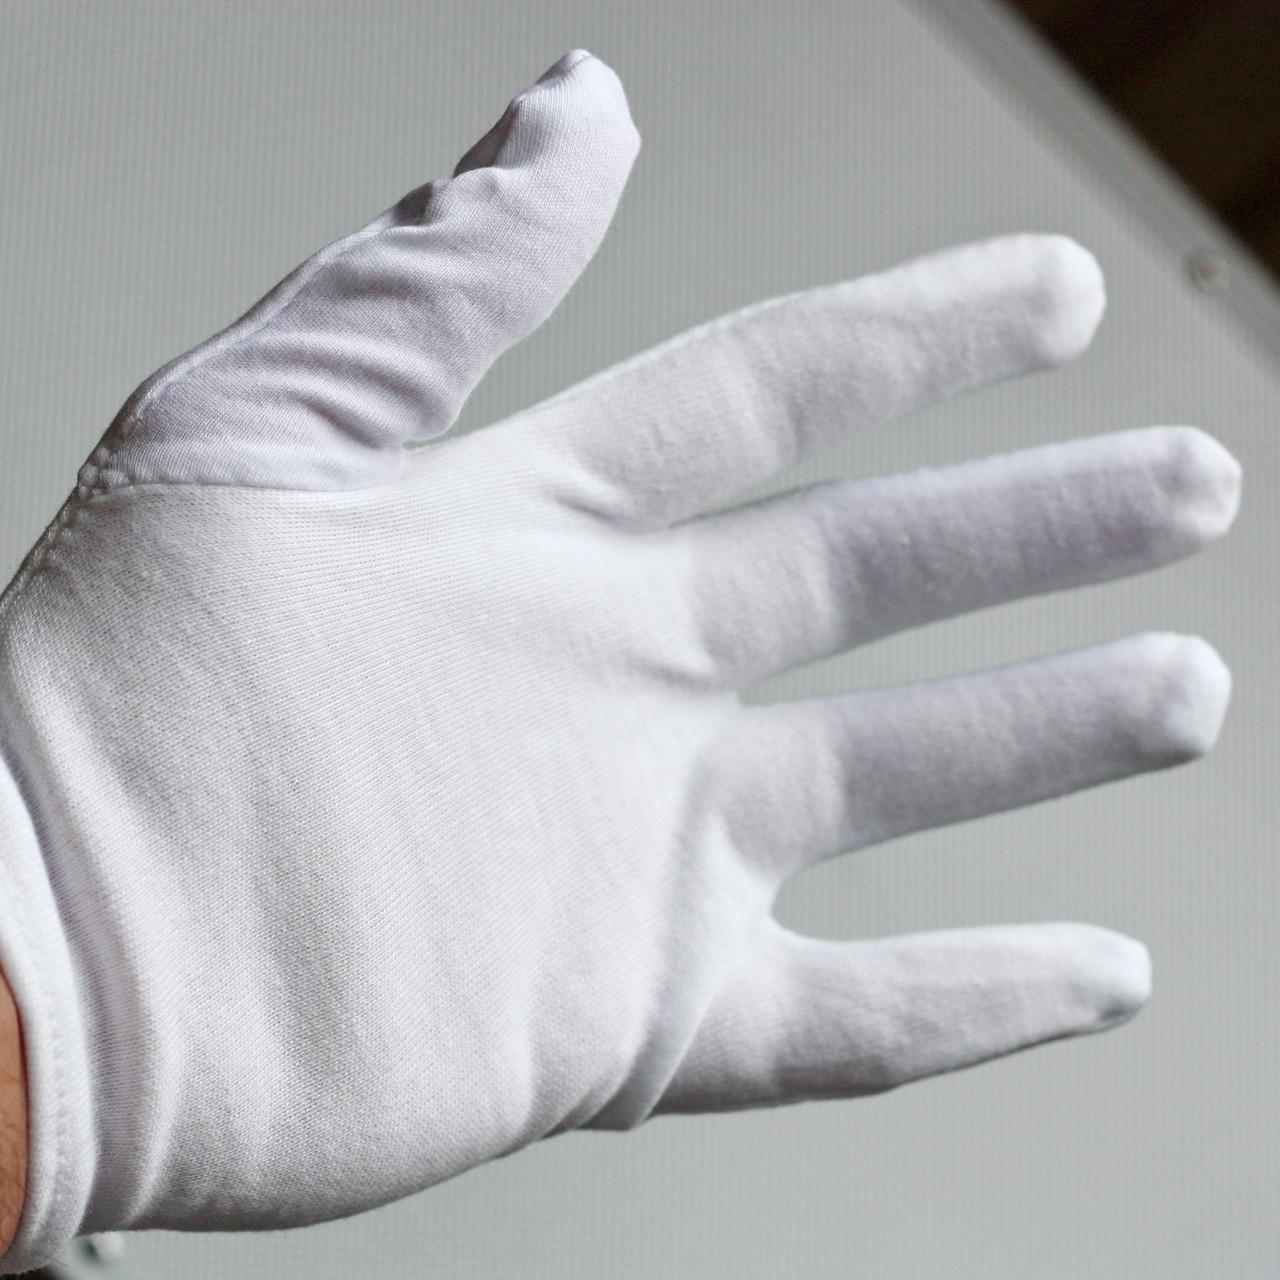 Реквизит для фокусов   Огненные перчатки (белые)